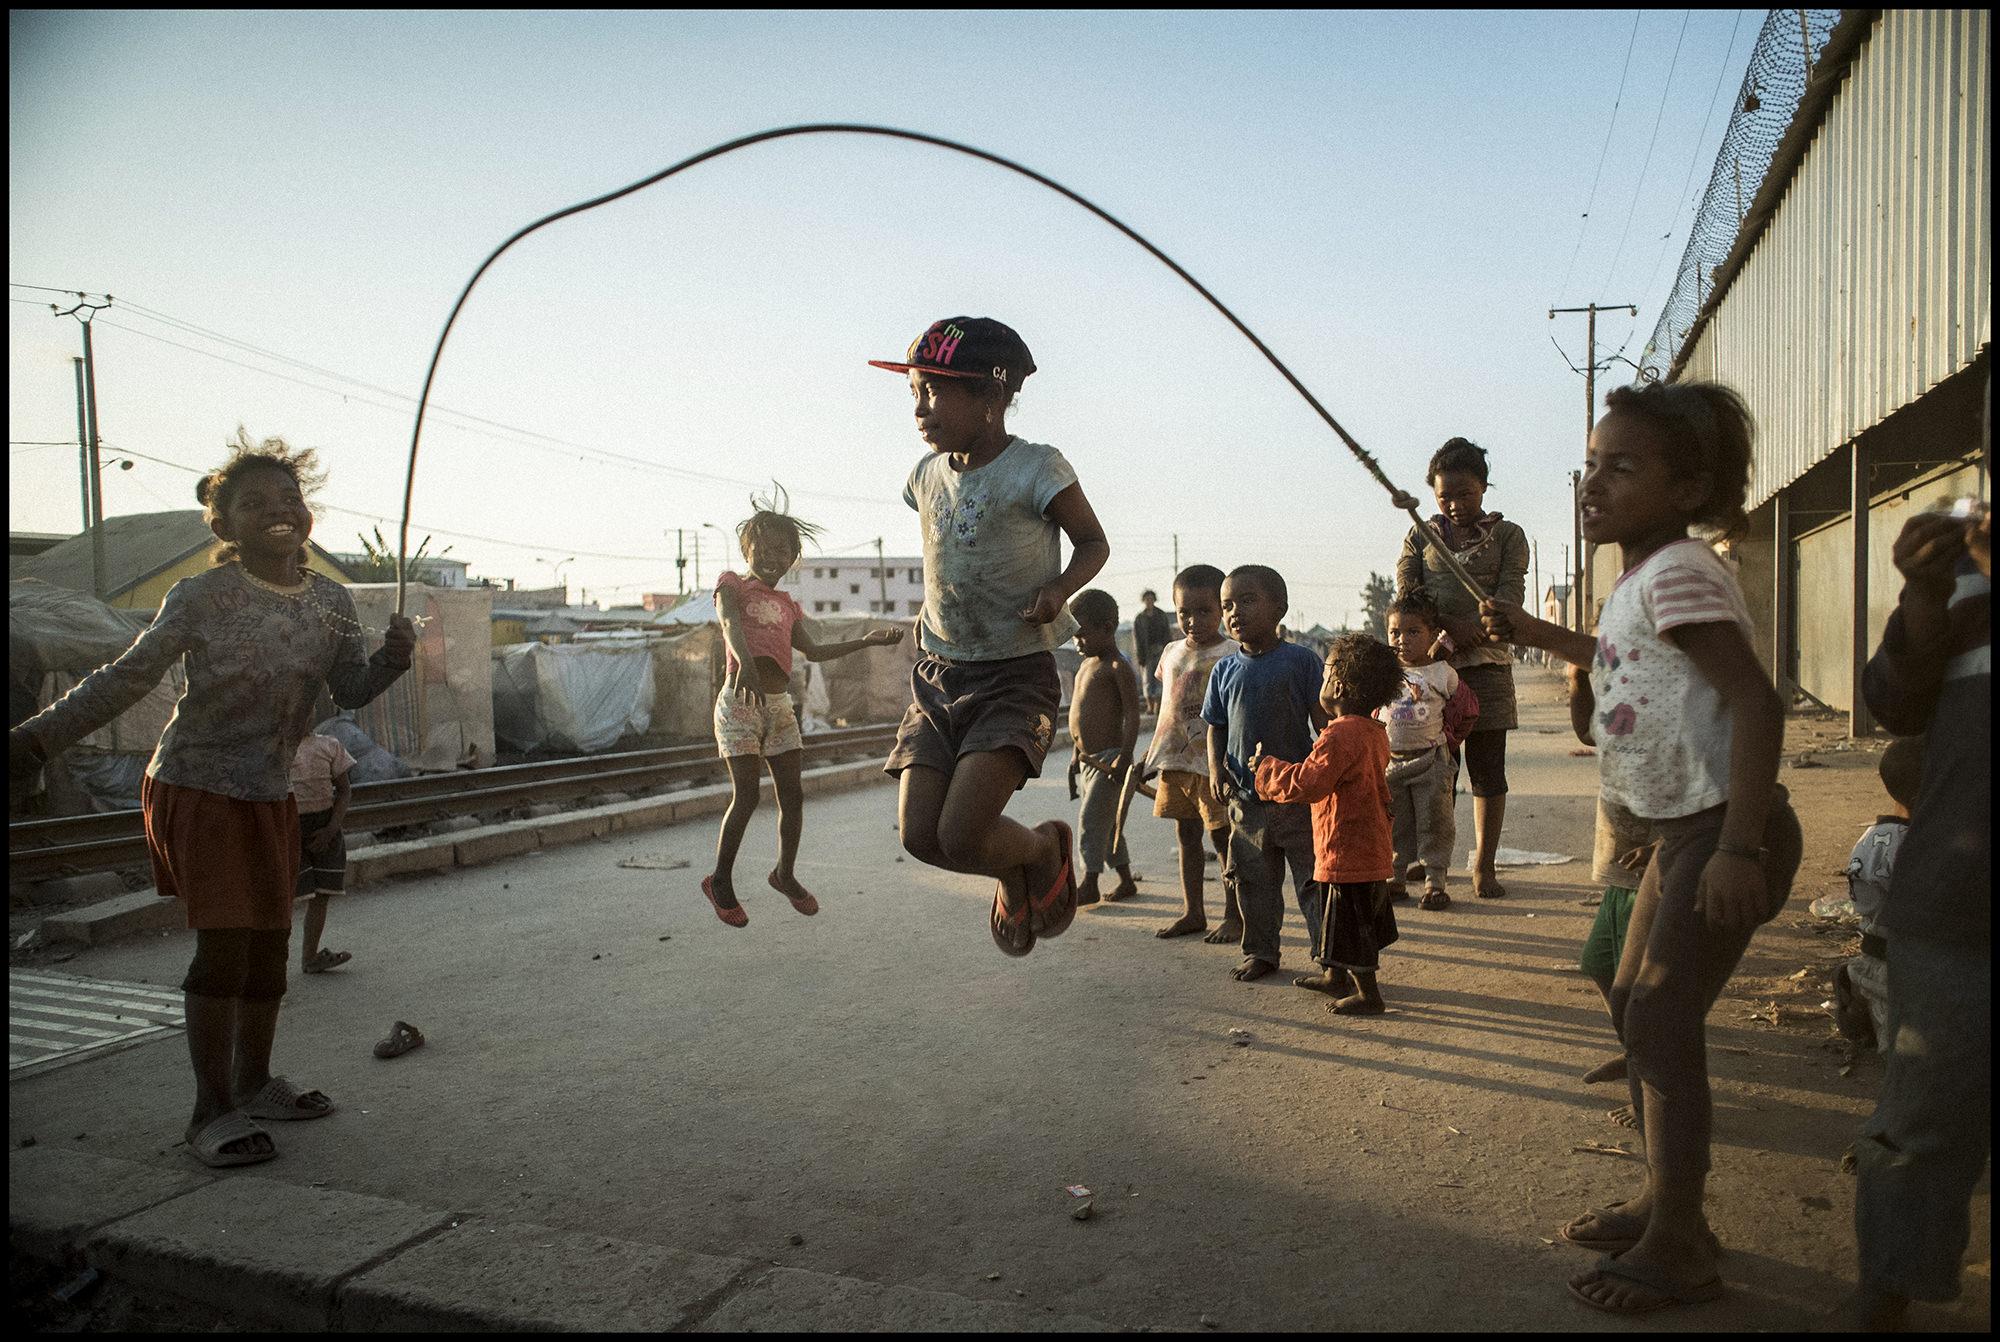 Digital Patrik Wallner Antananarivo Jumproap LOWQ 2000P